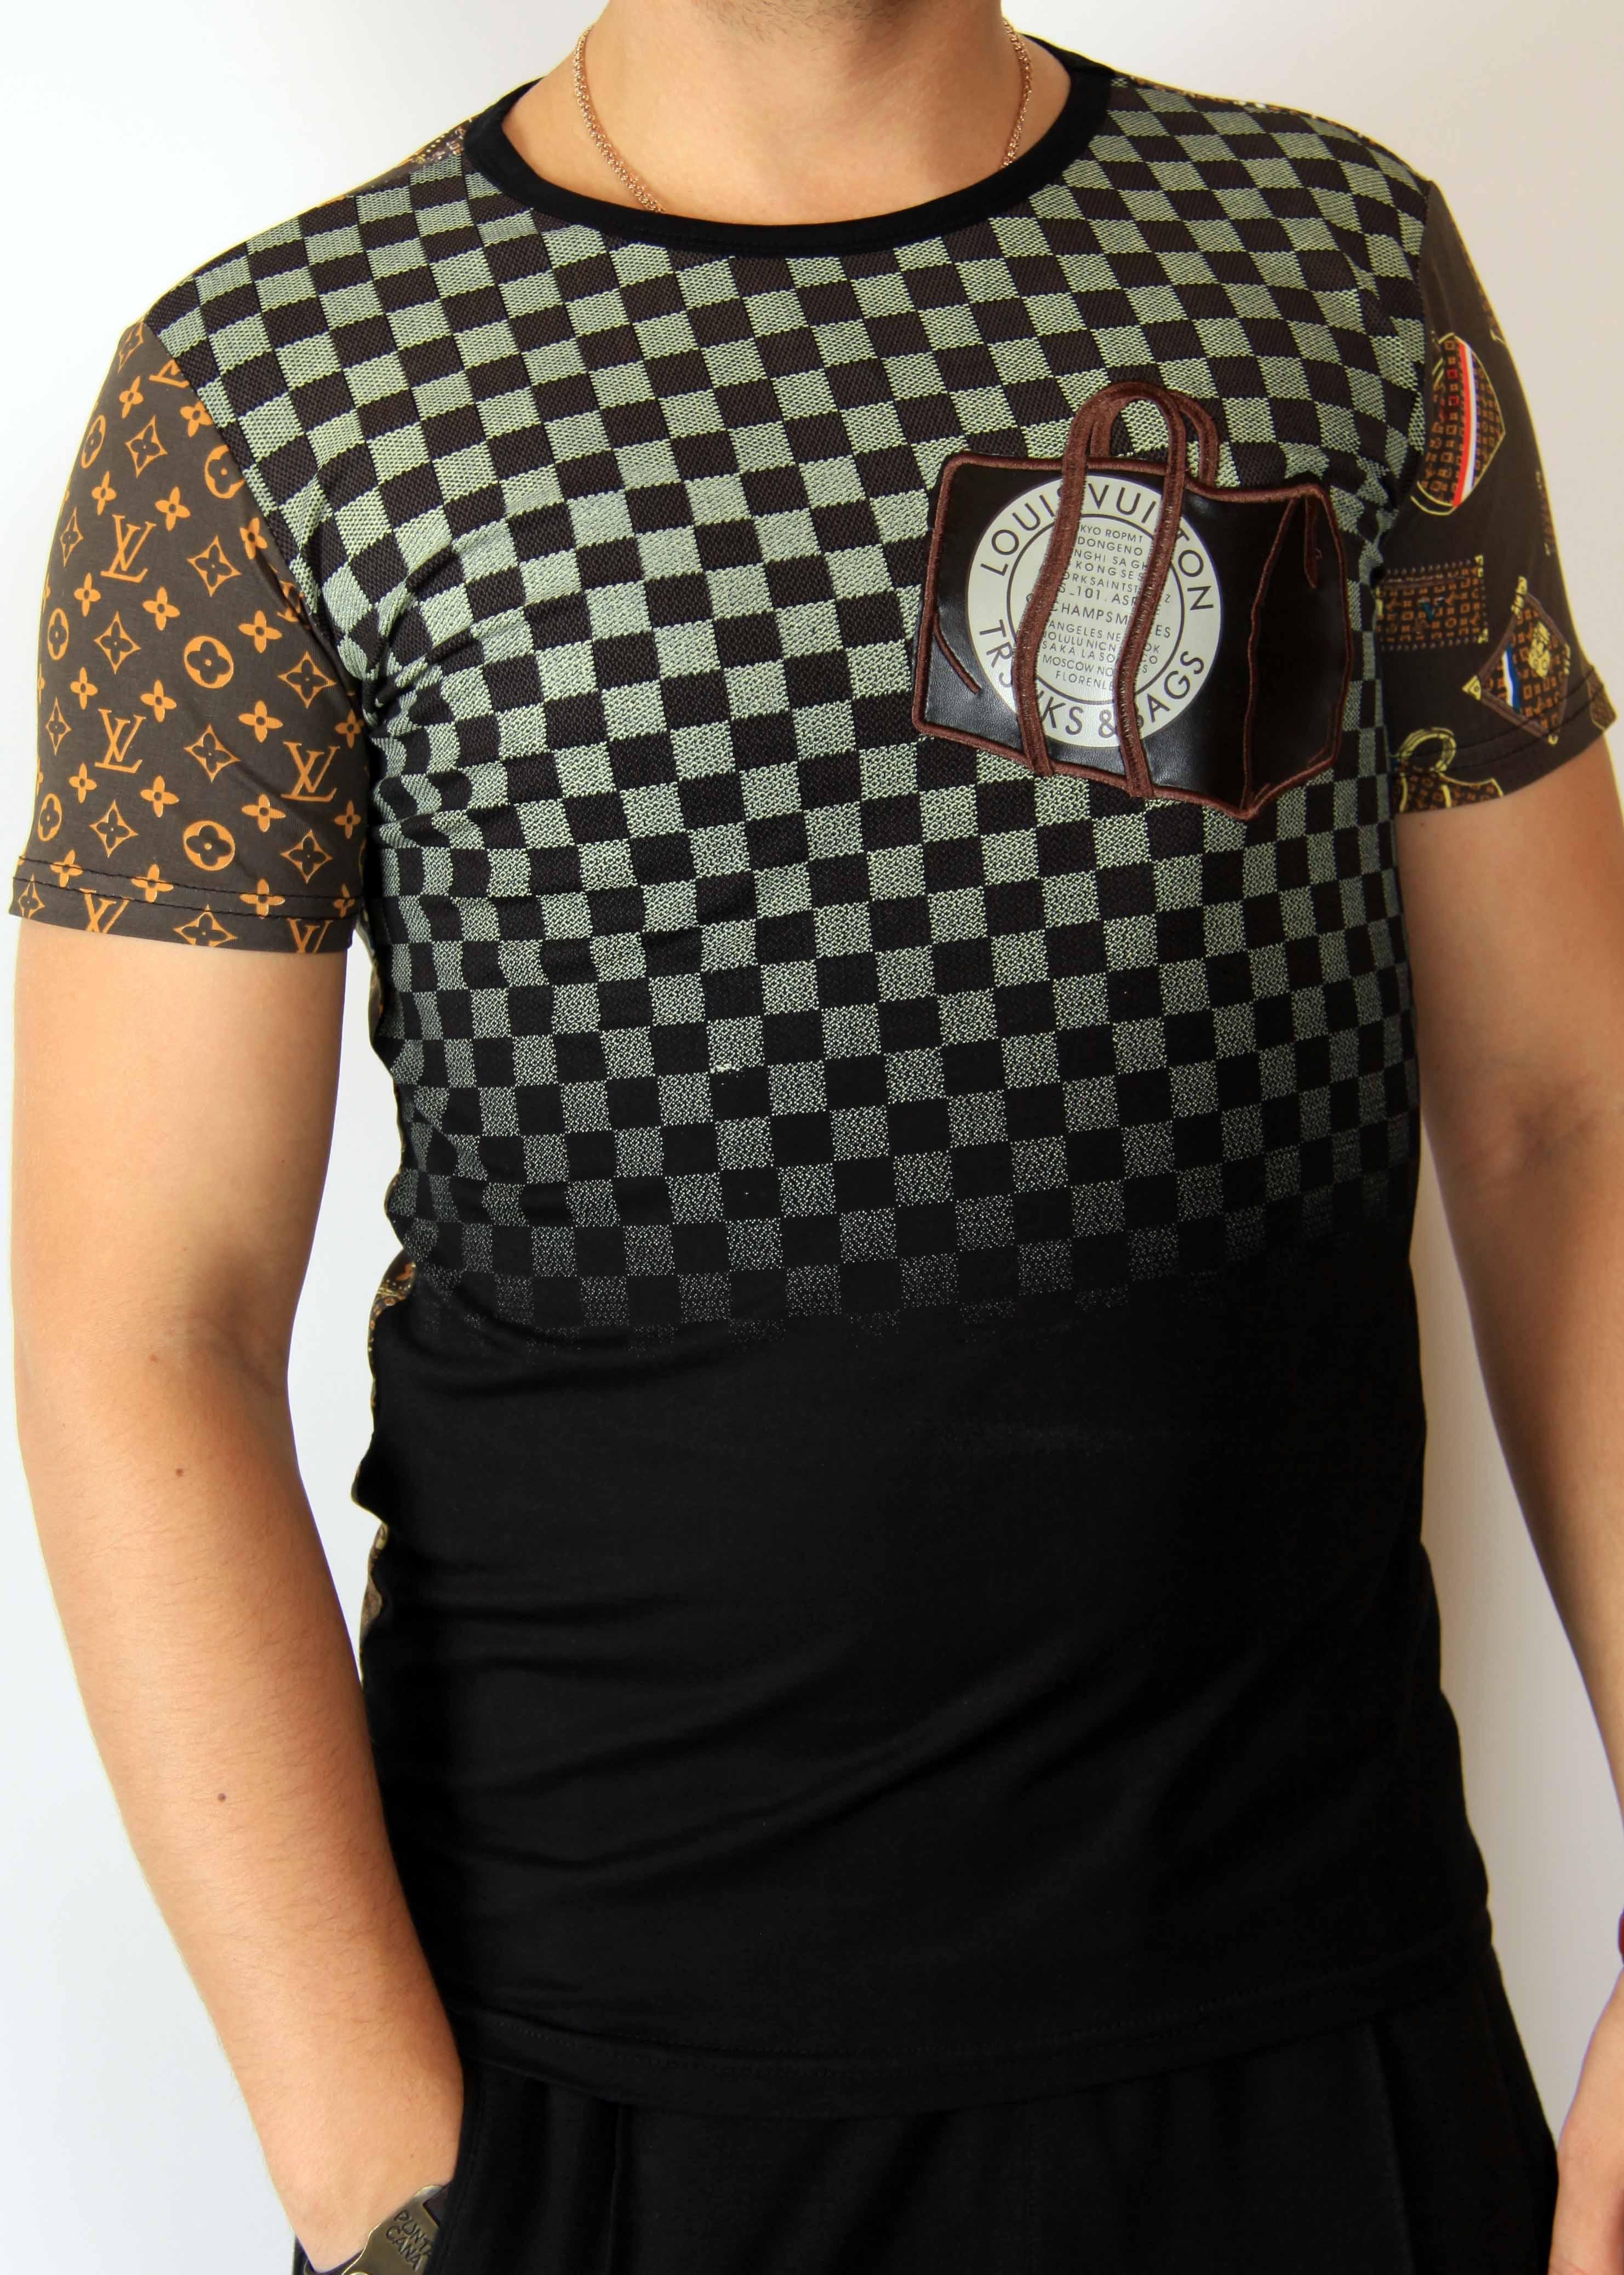 c1ec3b9bb9bc футболка мужская Louis Vuitton комбинированная интернет магазин